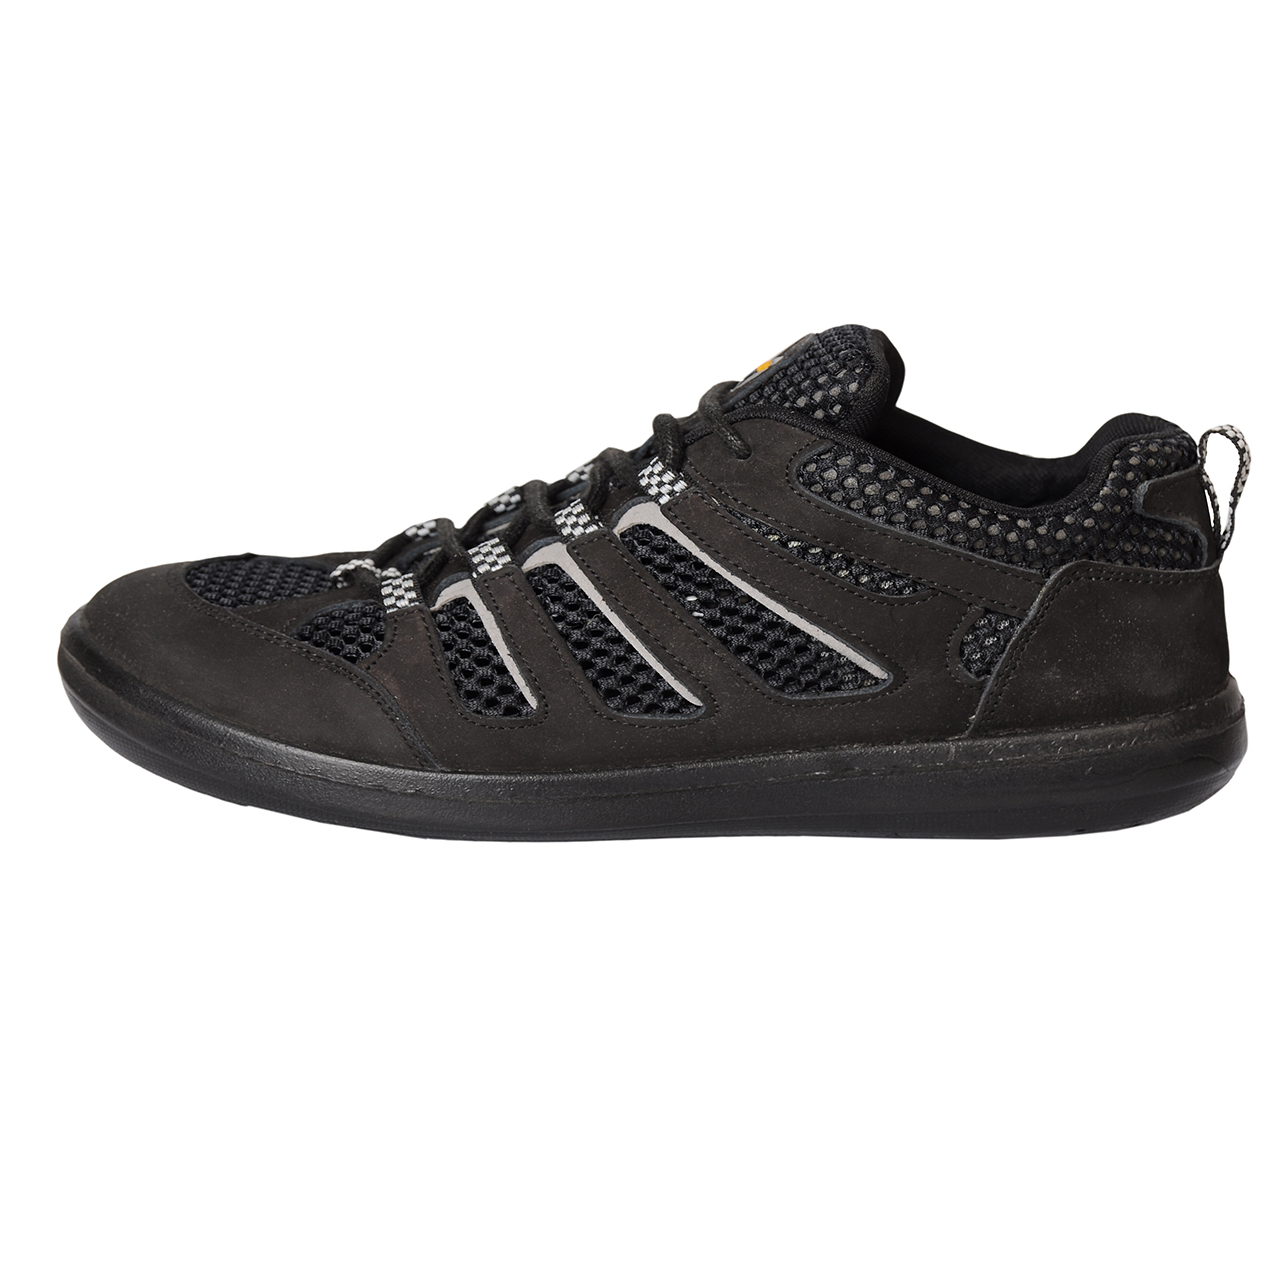 کفش مردانه مدل M9s